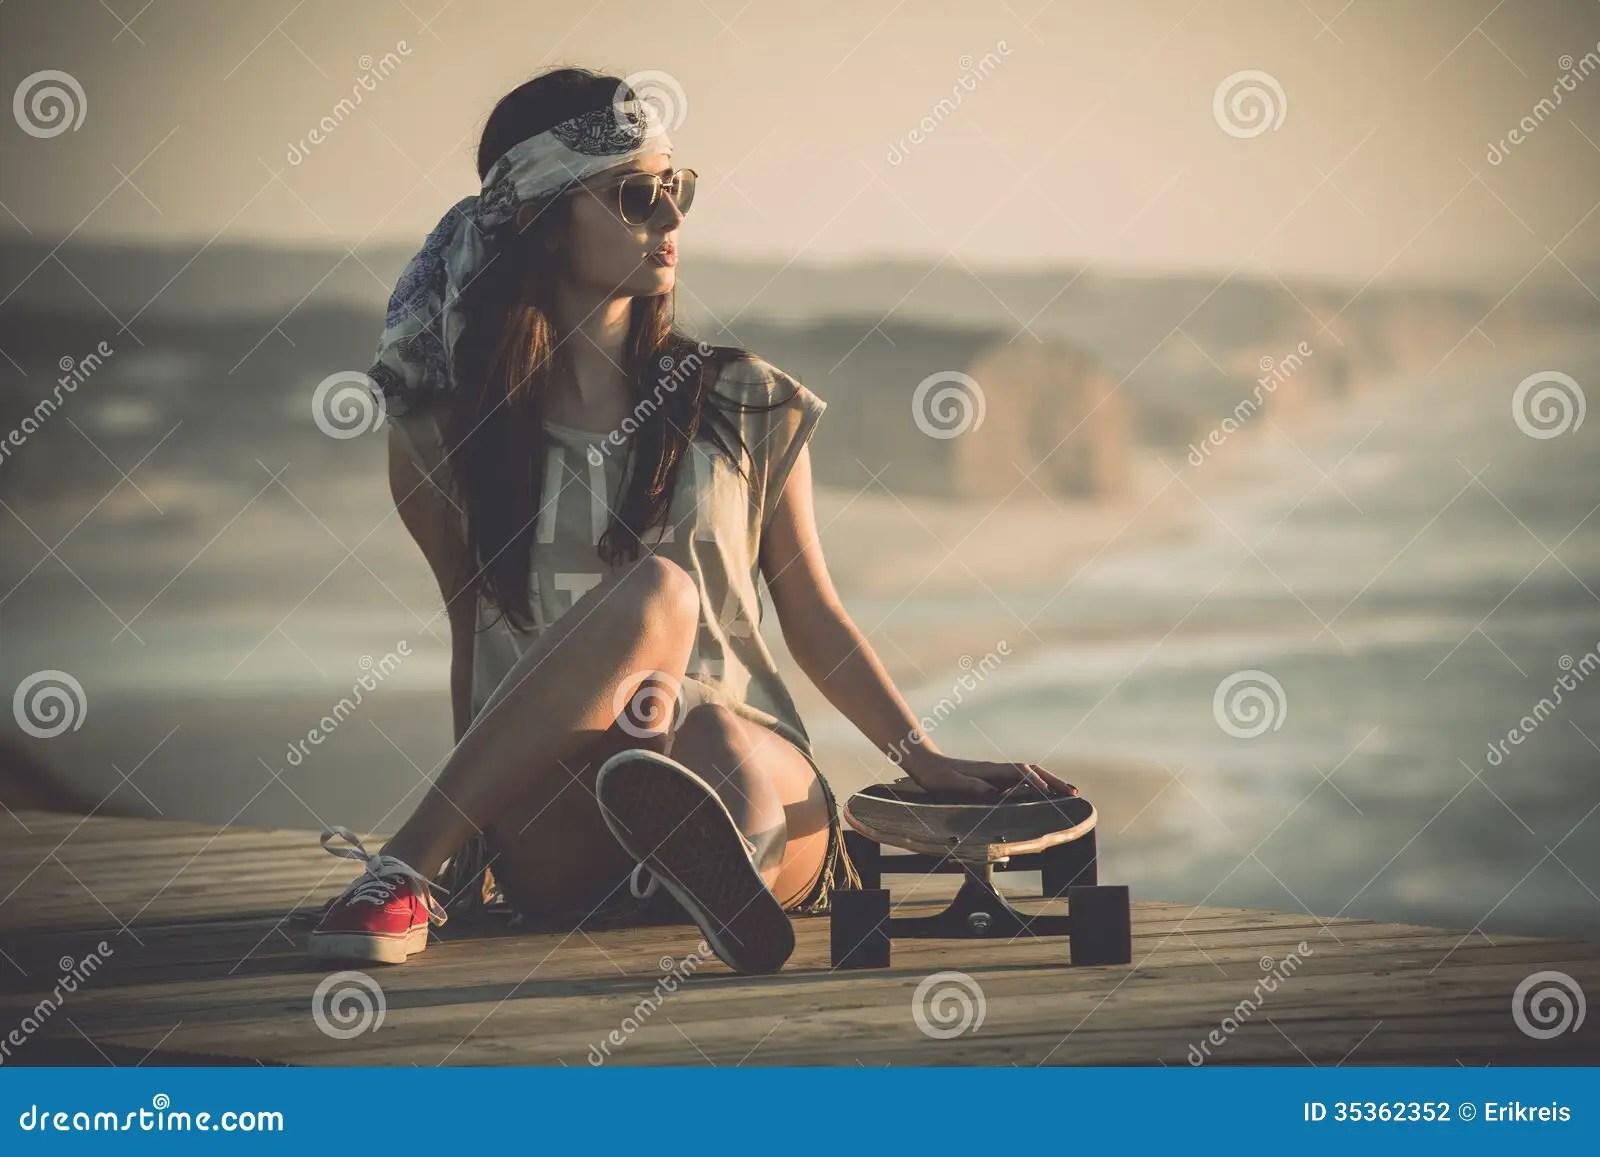 Longboard Girl Wallpaper Skater Girl Stock Photo Image Of Latin Funky Copyspace